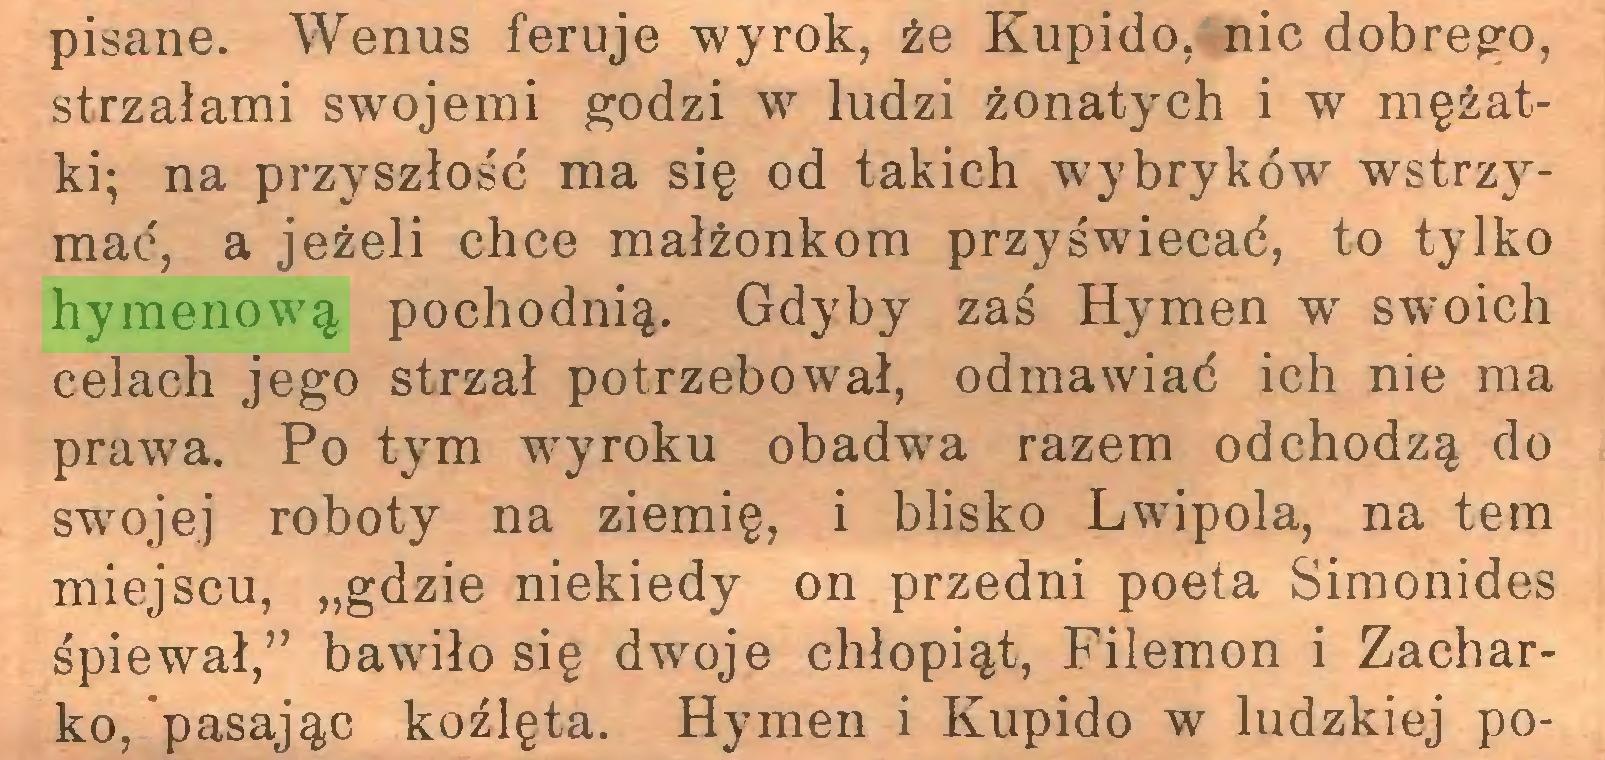 """(...) pisane. Wenus feruje wyrok, że Kupido, nic dobrego, strzałami swojemi godzi w ludzi żonatych i w mężatki; na przyszłość ma się od takich wybryków wstrzymać, a jeżeli chce małżonkom przyświecać, to tylko hymenową pochodnią. Gdyby zaś Hymen w swoich celach jego strzał potrzebował, odmawiać ich nie ma prawa. Po tym wyroku obadwa razem odchodzą do swojej roboty na ziemię, i blisko Lwipola, na tern miejscu, """"gdzie niekiedy on przedni poeta Simonides śpiewał,"""" bawiło się dwoje chłopiąt, Filemon i Zacharko, pasając koźlęta. Hymen i Kupido w ludzkiej po..."""